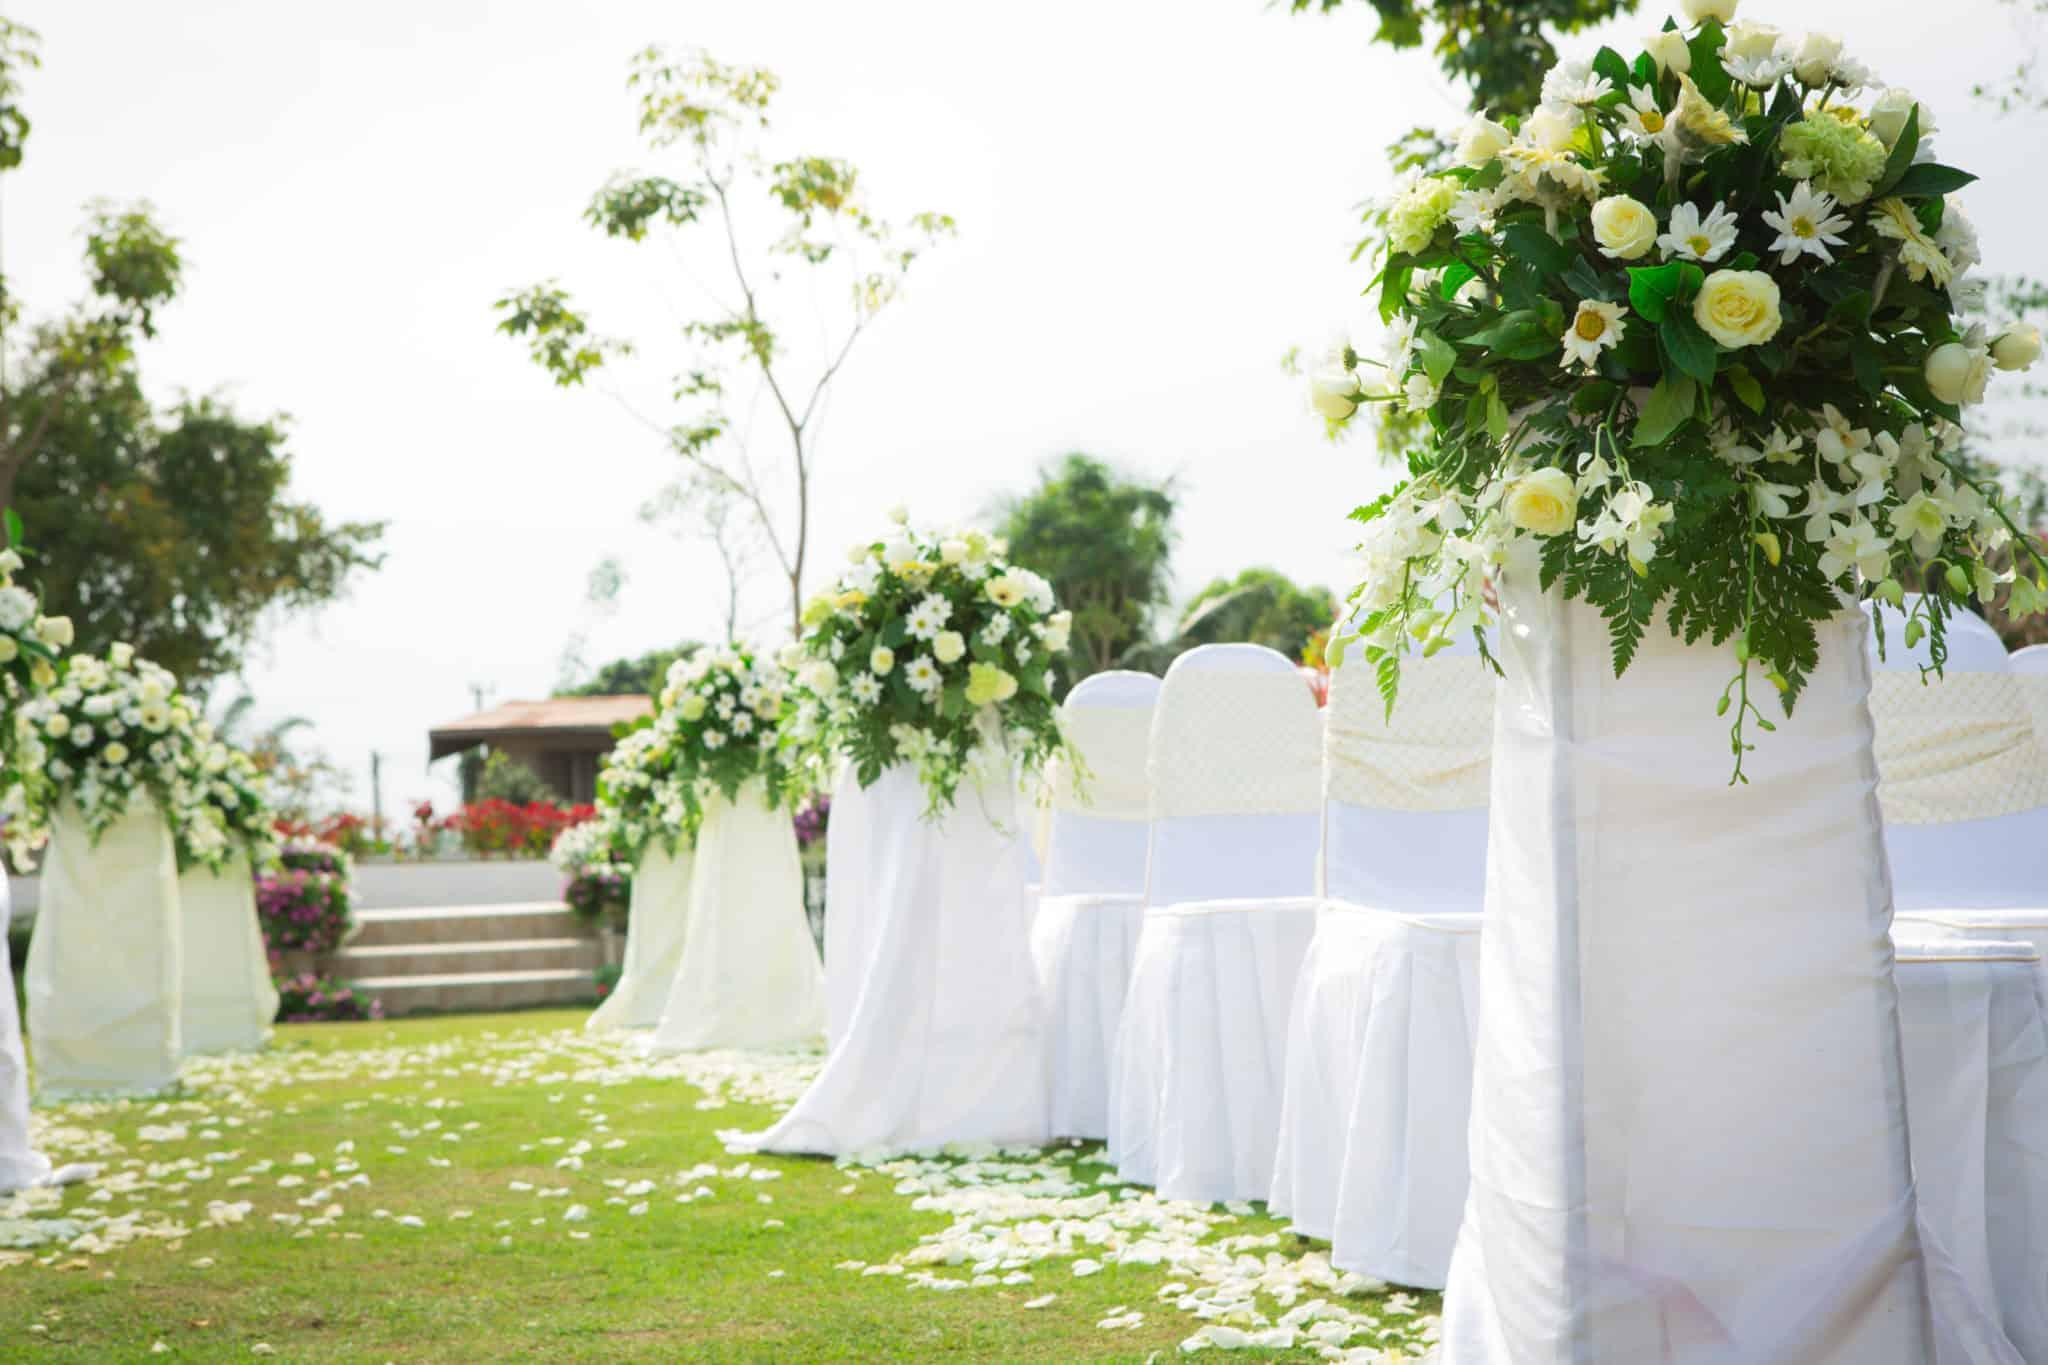 Matrimonio Simbolico All Aperto : Luoghi da sogno per un matrimonio all aperto evicus